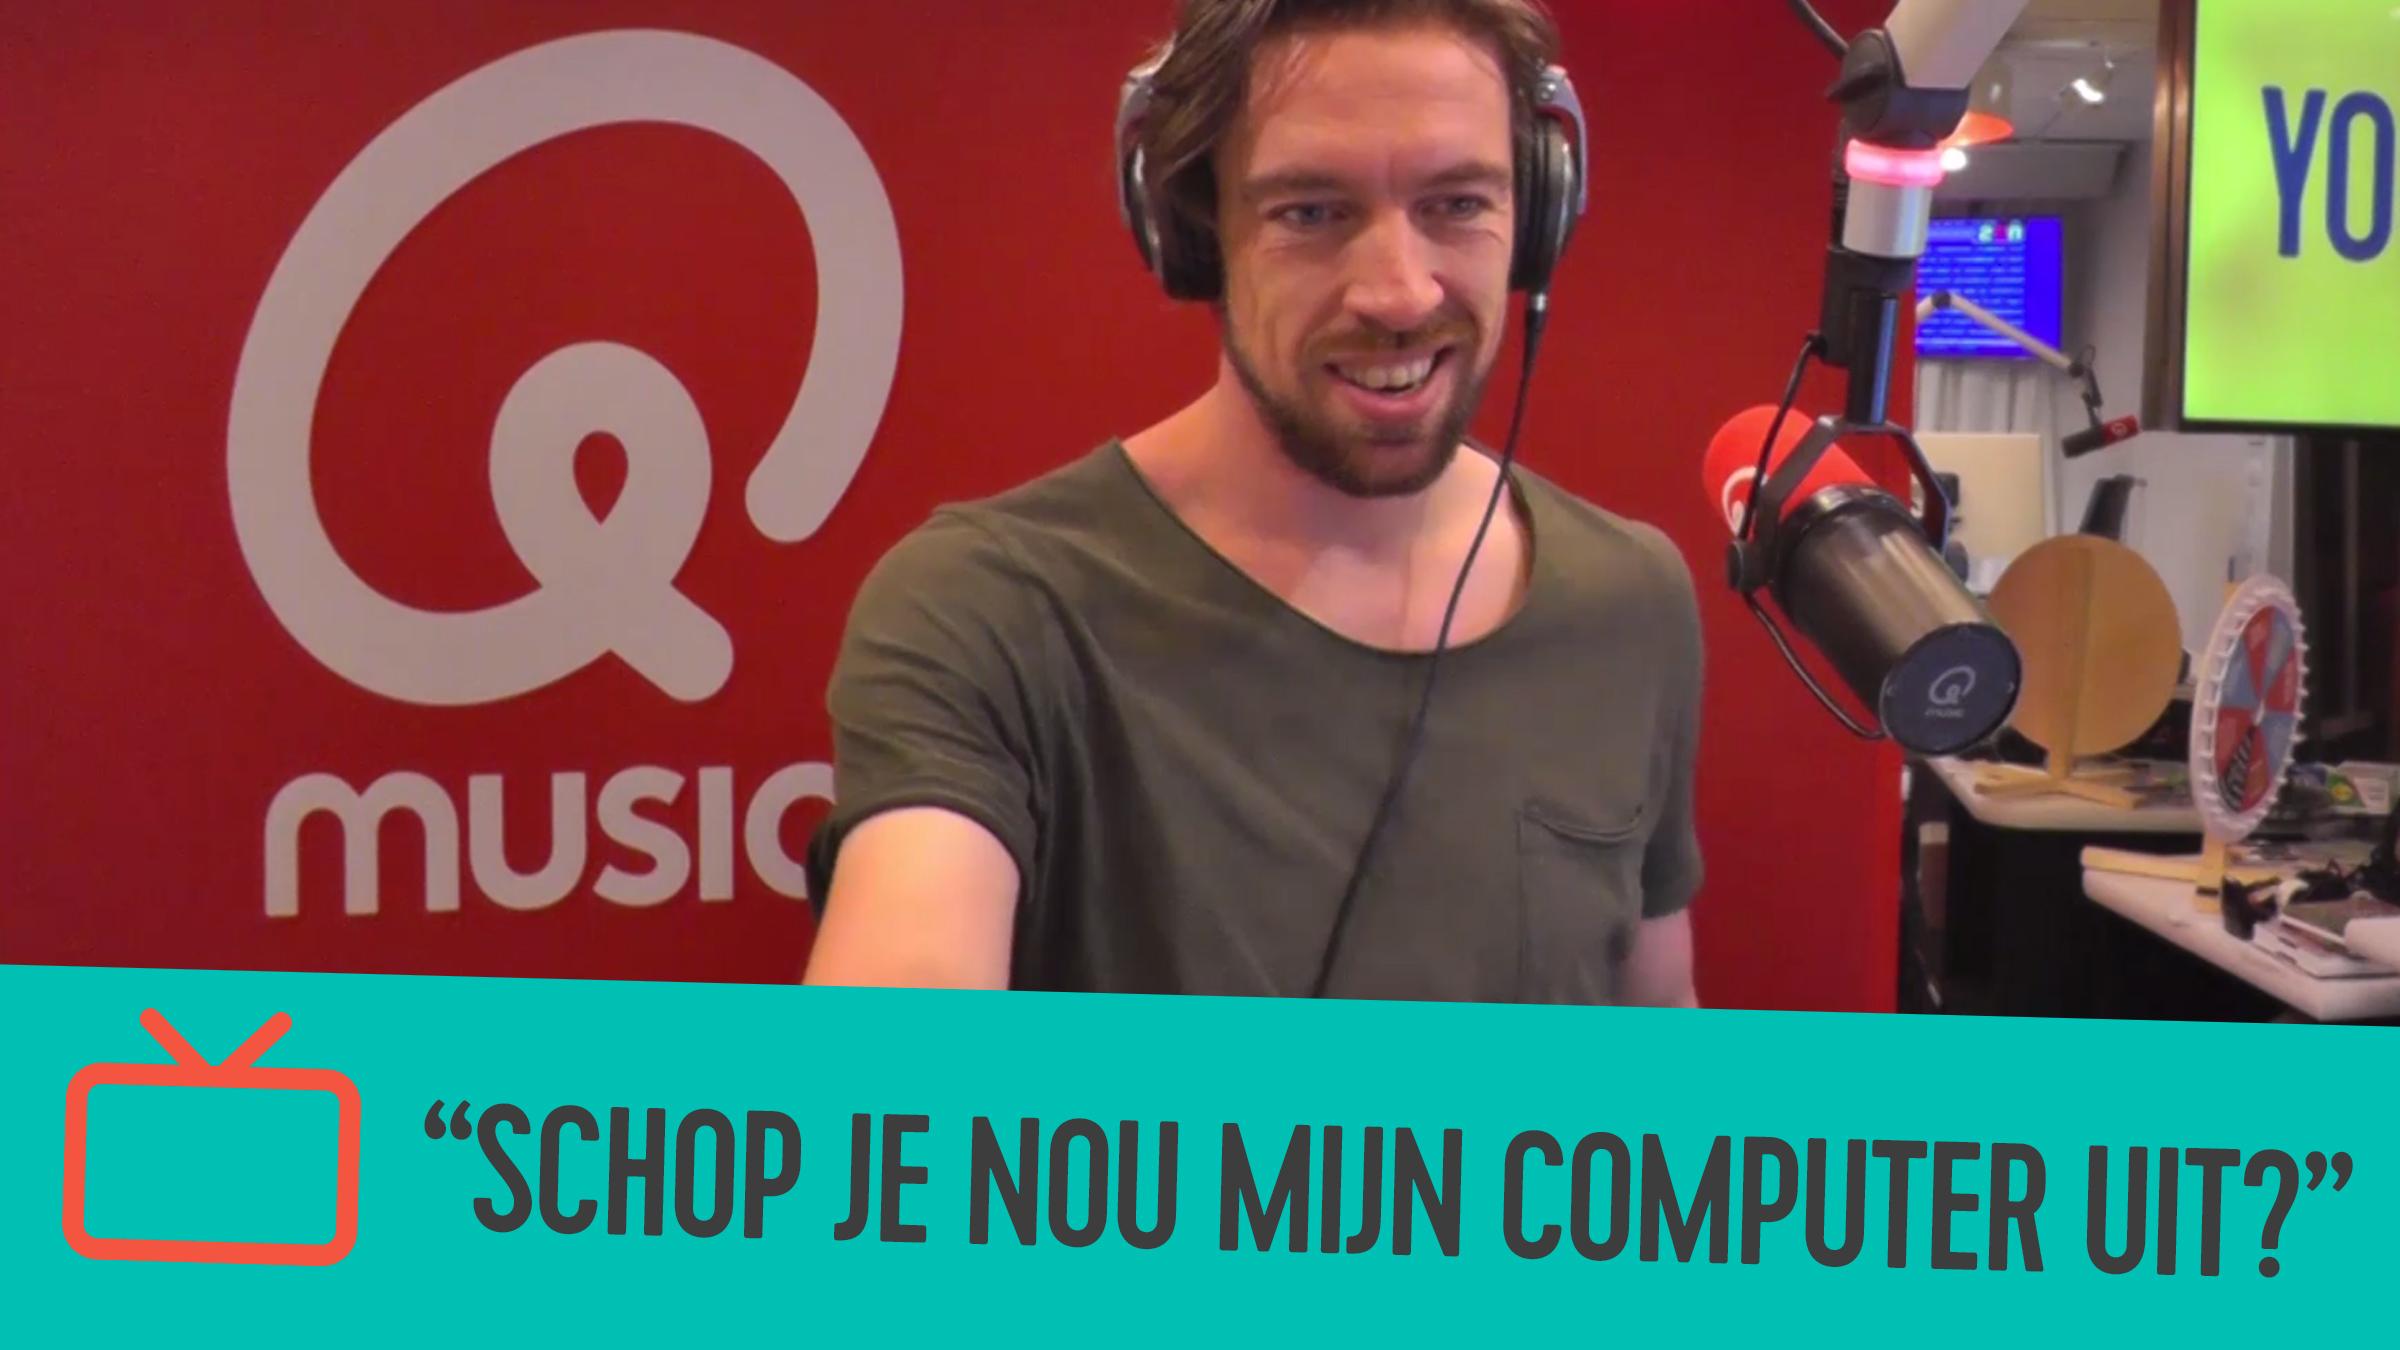 Computeruit